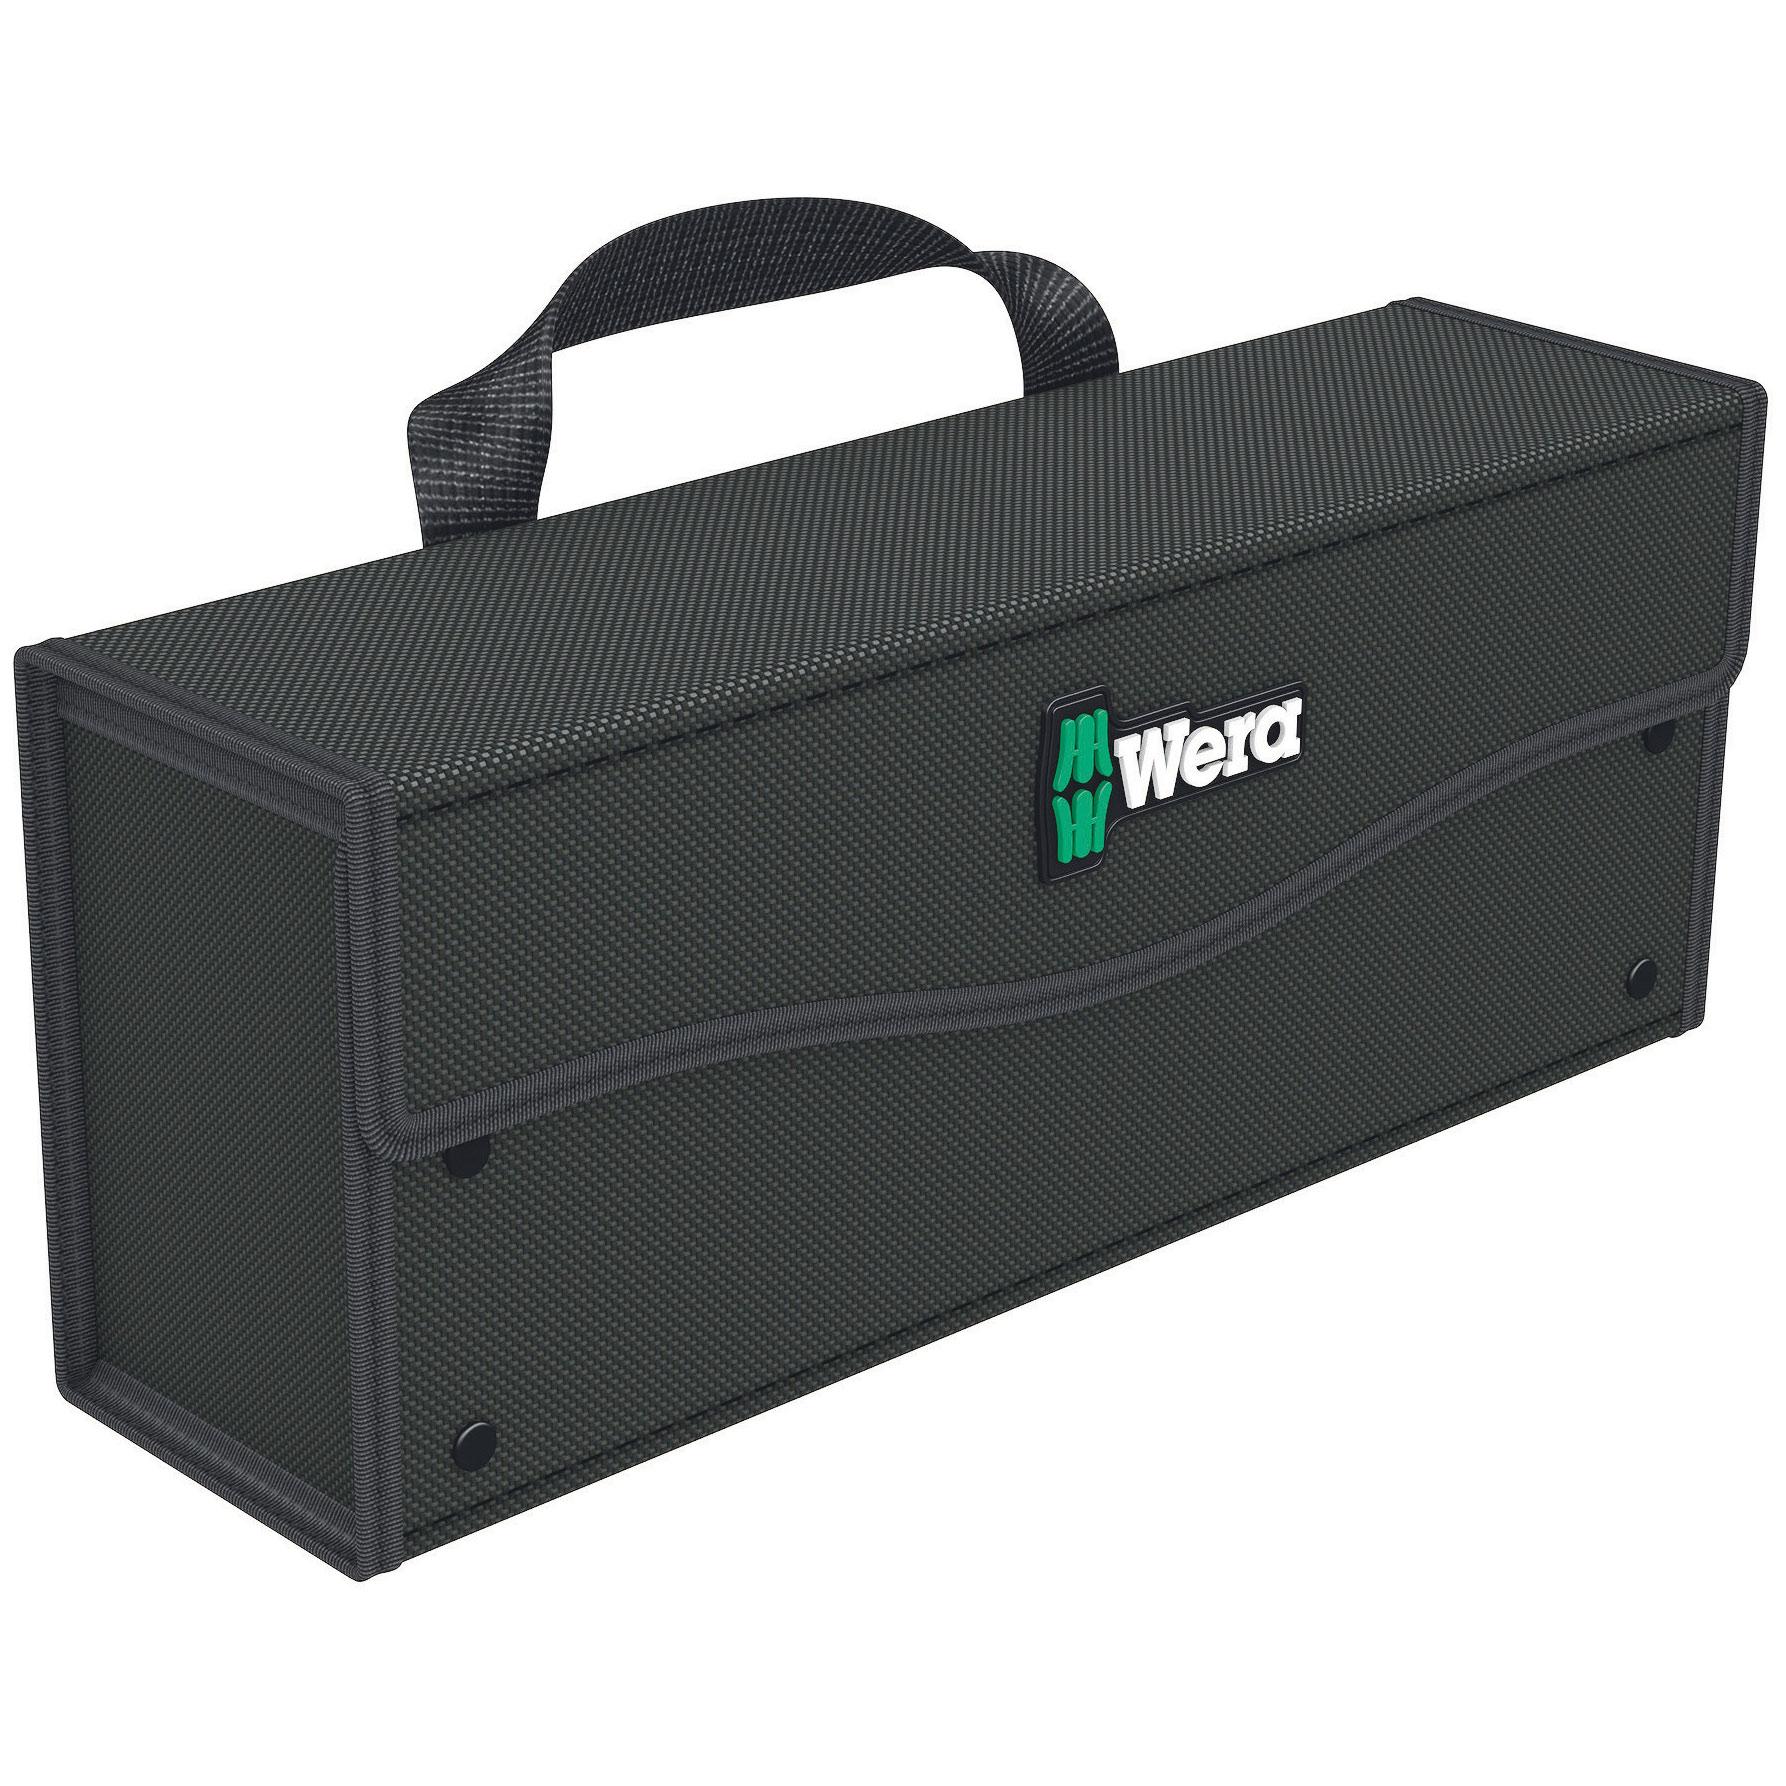 Wera 2go 3 - Werkzeug-Box